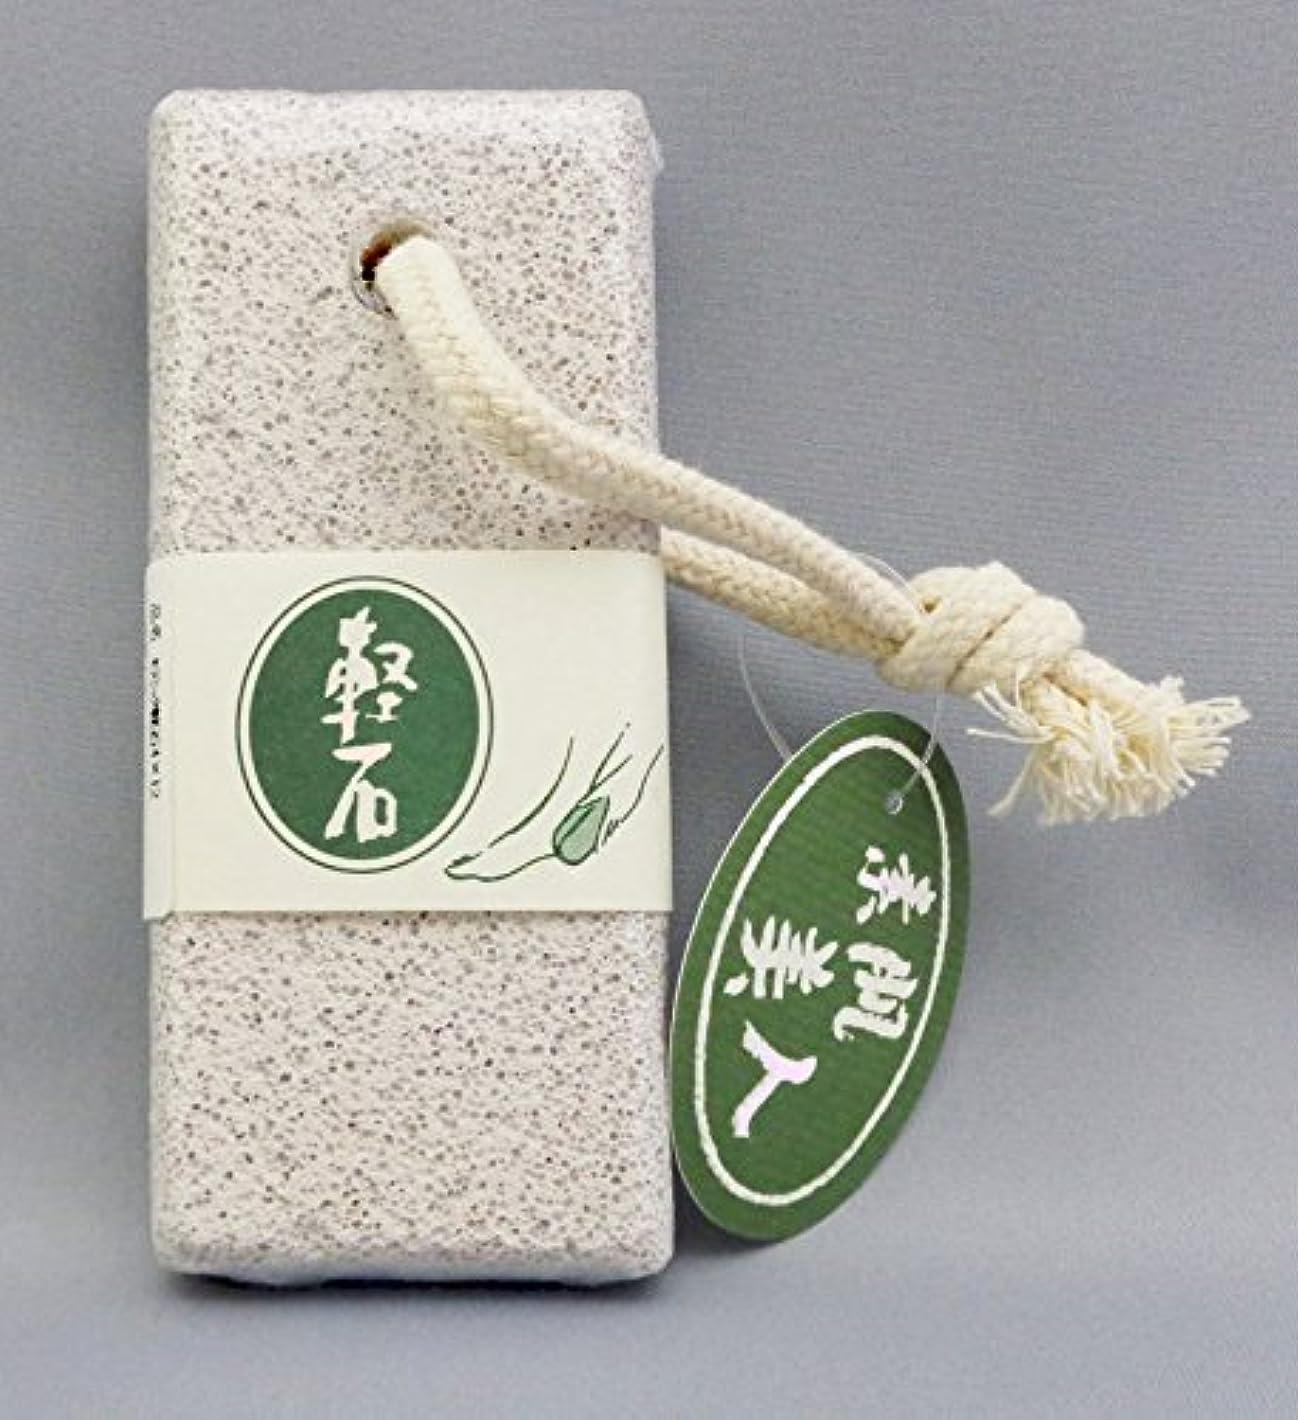 それぞれチャンバーかき混ぜるシオザキ No.19 セラミック軽石 4x12 天然丸軽石 ヒモ付